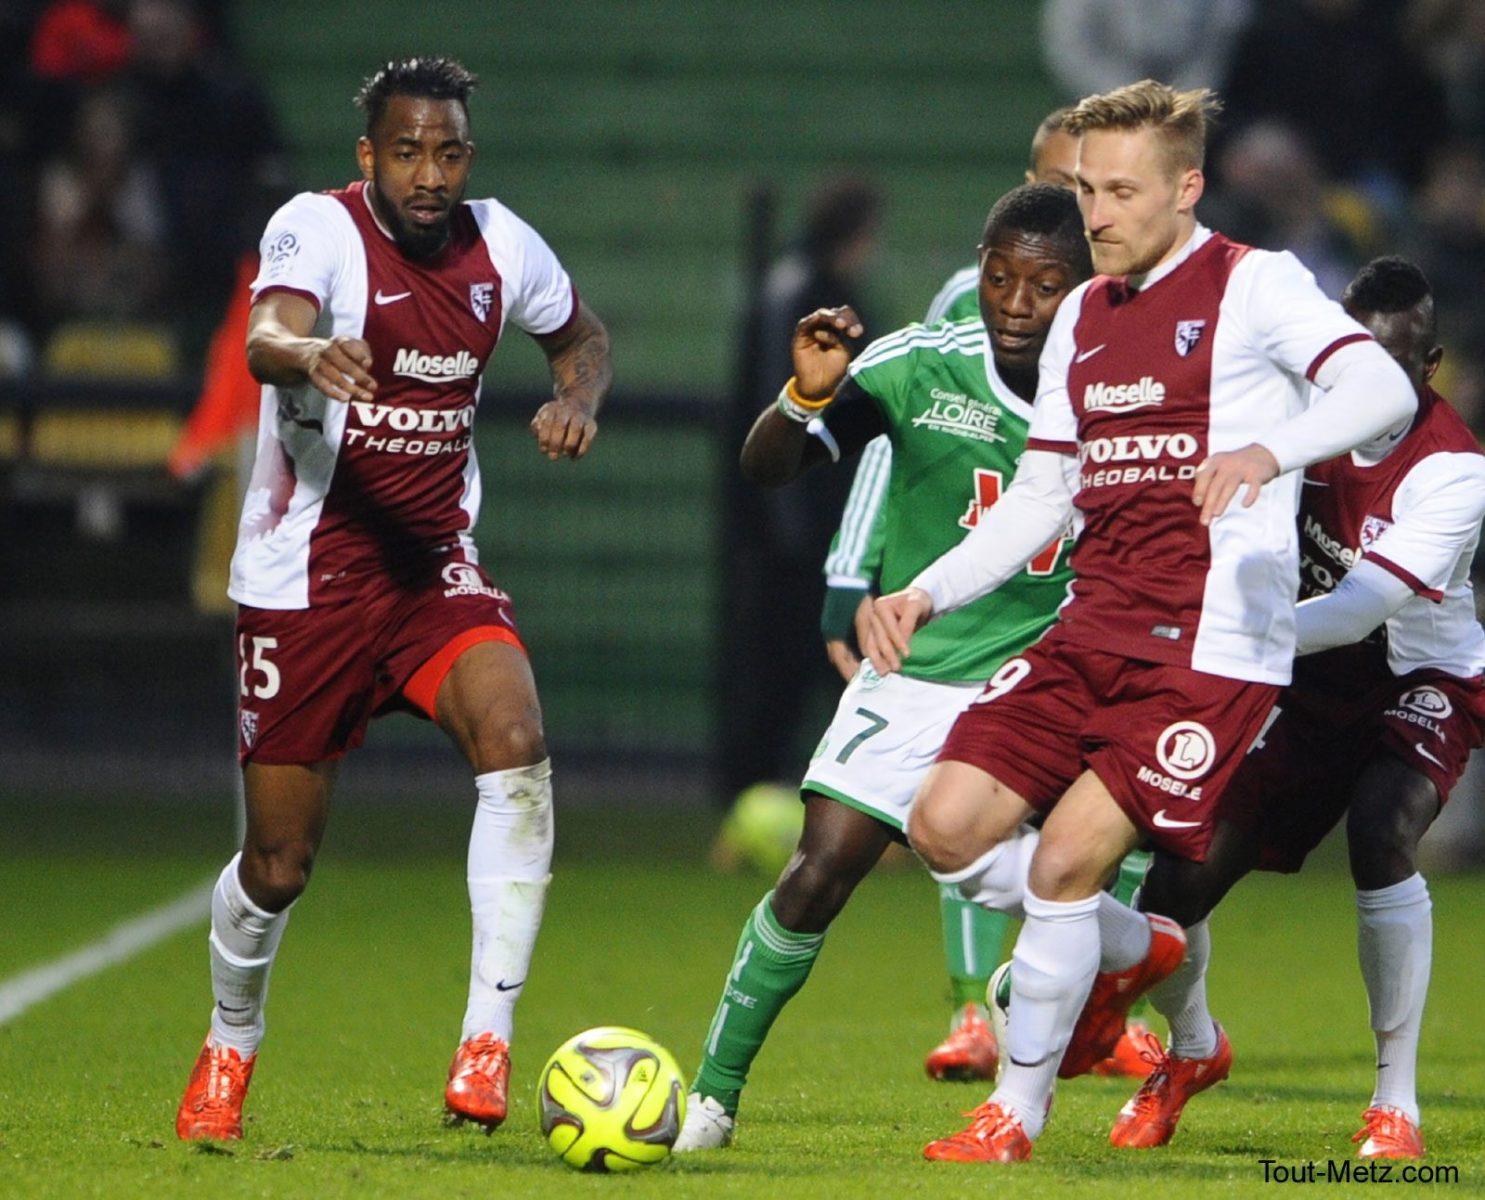 FC Metz – AC Ajaccio : vaincre le signe corse